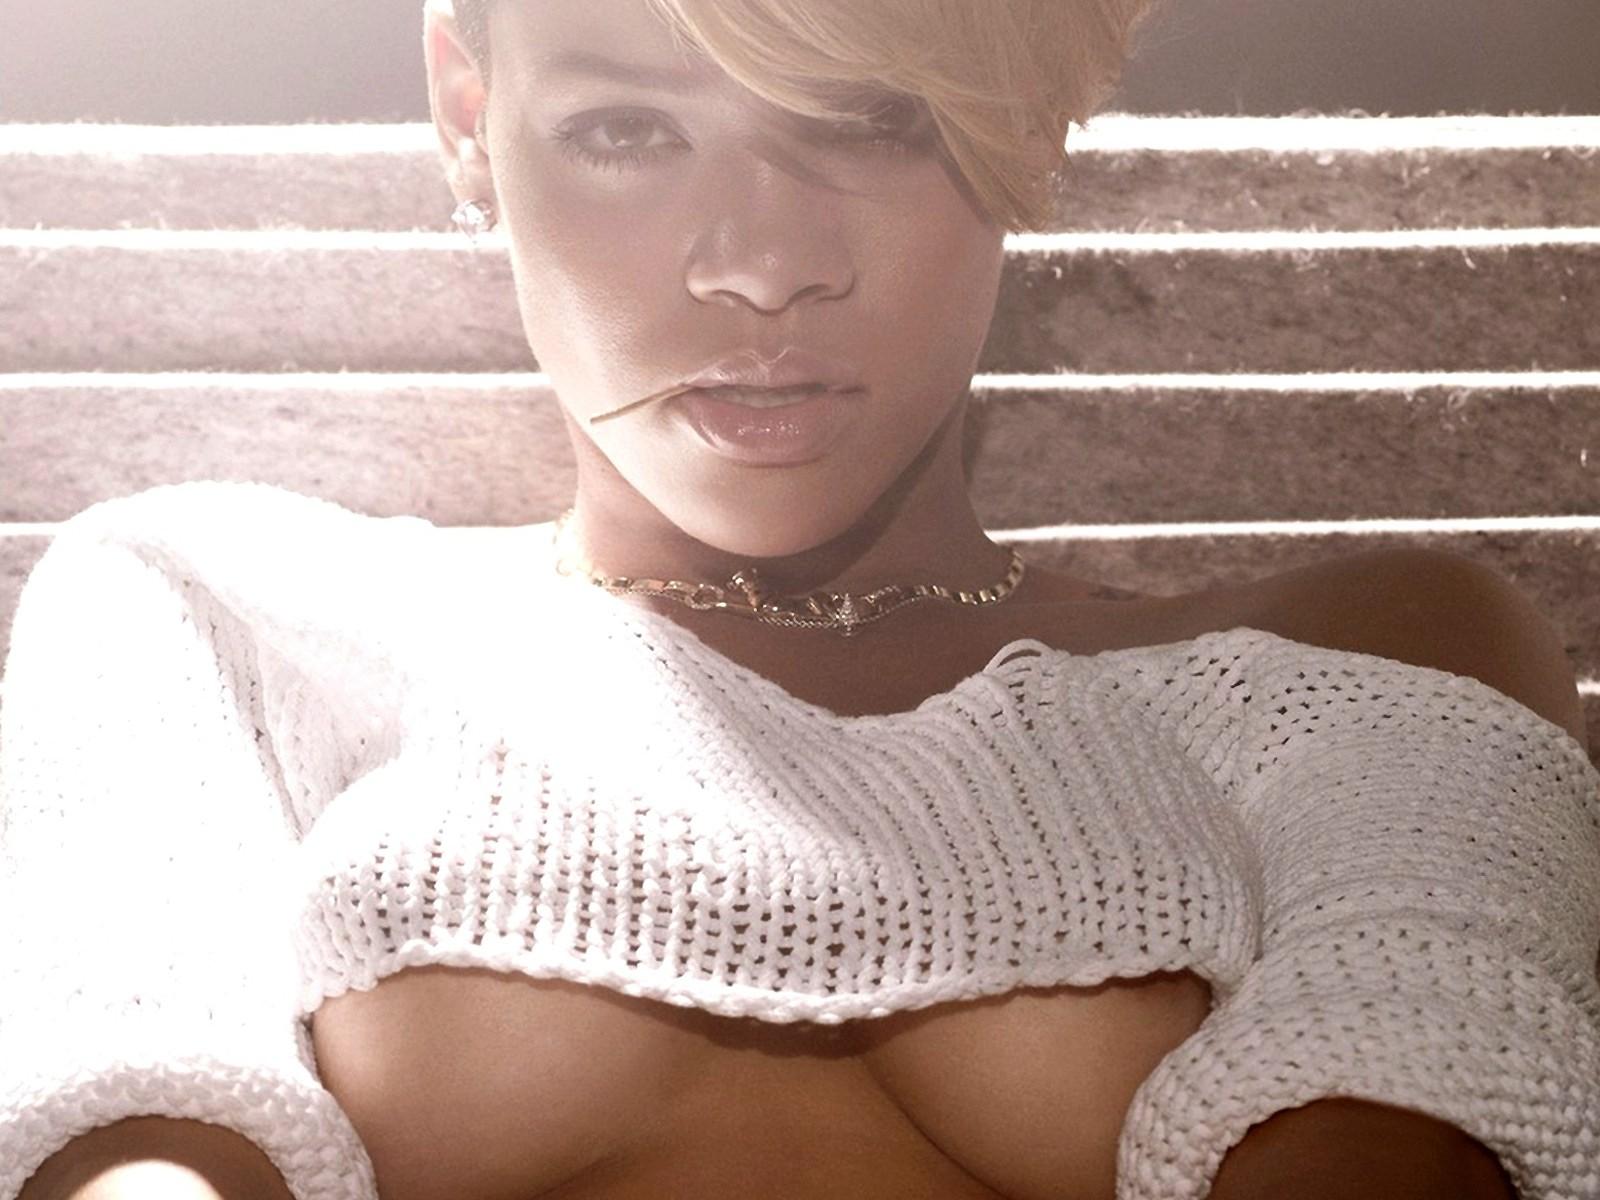 http://3.bp.blogspot.com/-1QLYbw4CxSA/T2VmGRbUckI/AAAAAAAABVQ/VmZwC9Gvxk0/s1600/Rihanna+hd+Wallpapers+2012_3.jpg